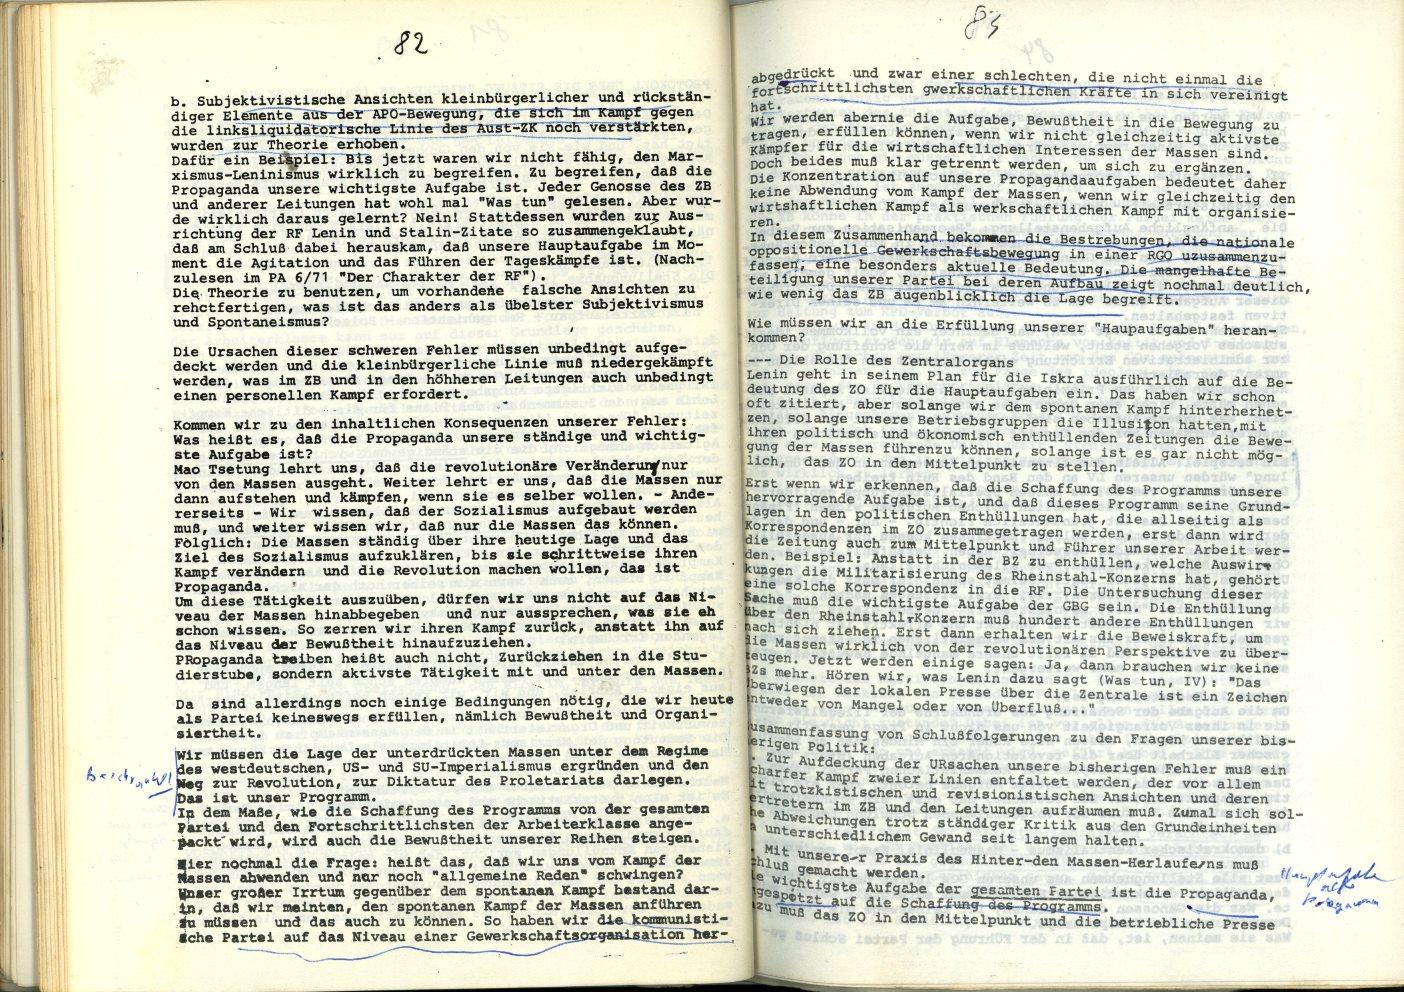 ZB_1972_Diskussionsorgan_zur_ersten_Parteikonferenz_45